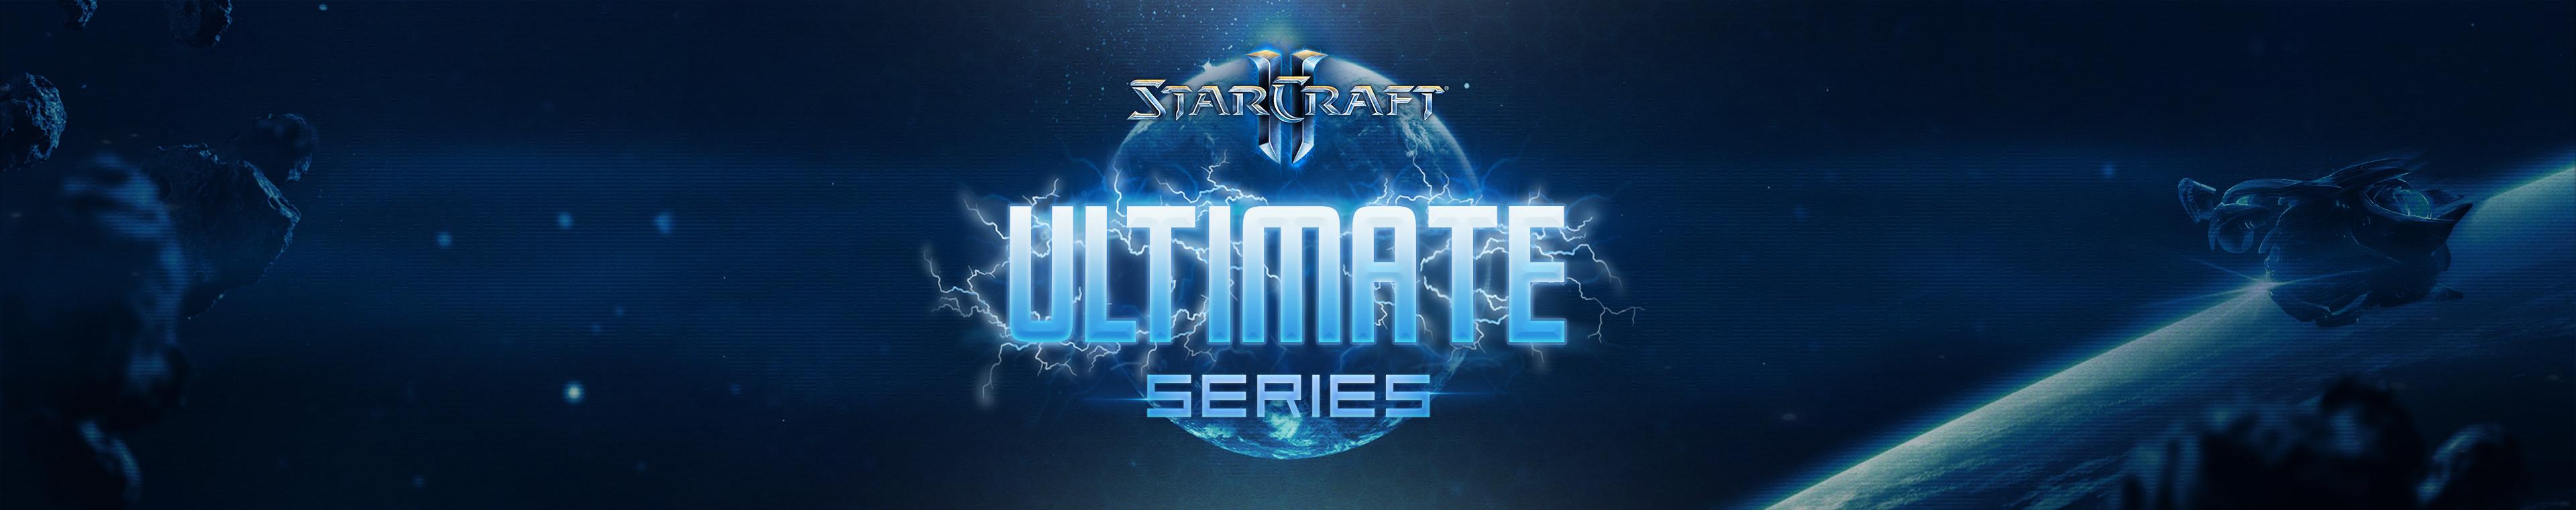 Ultimate Series 2018 Season 2 - RU